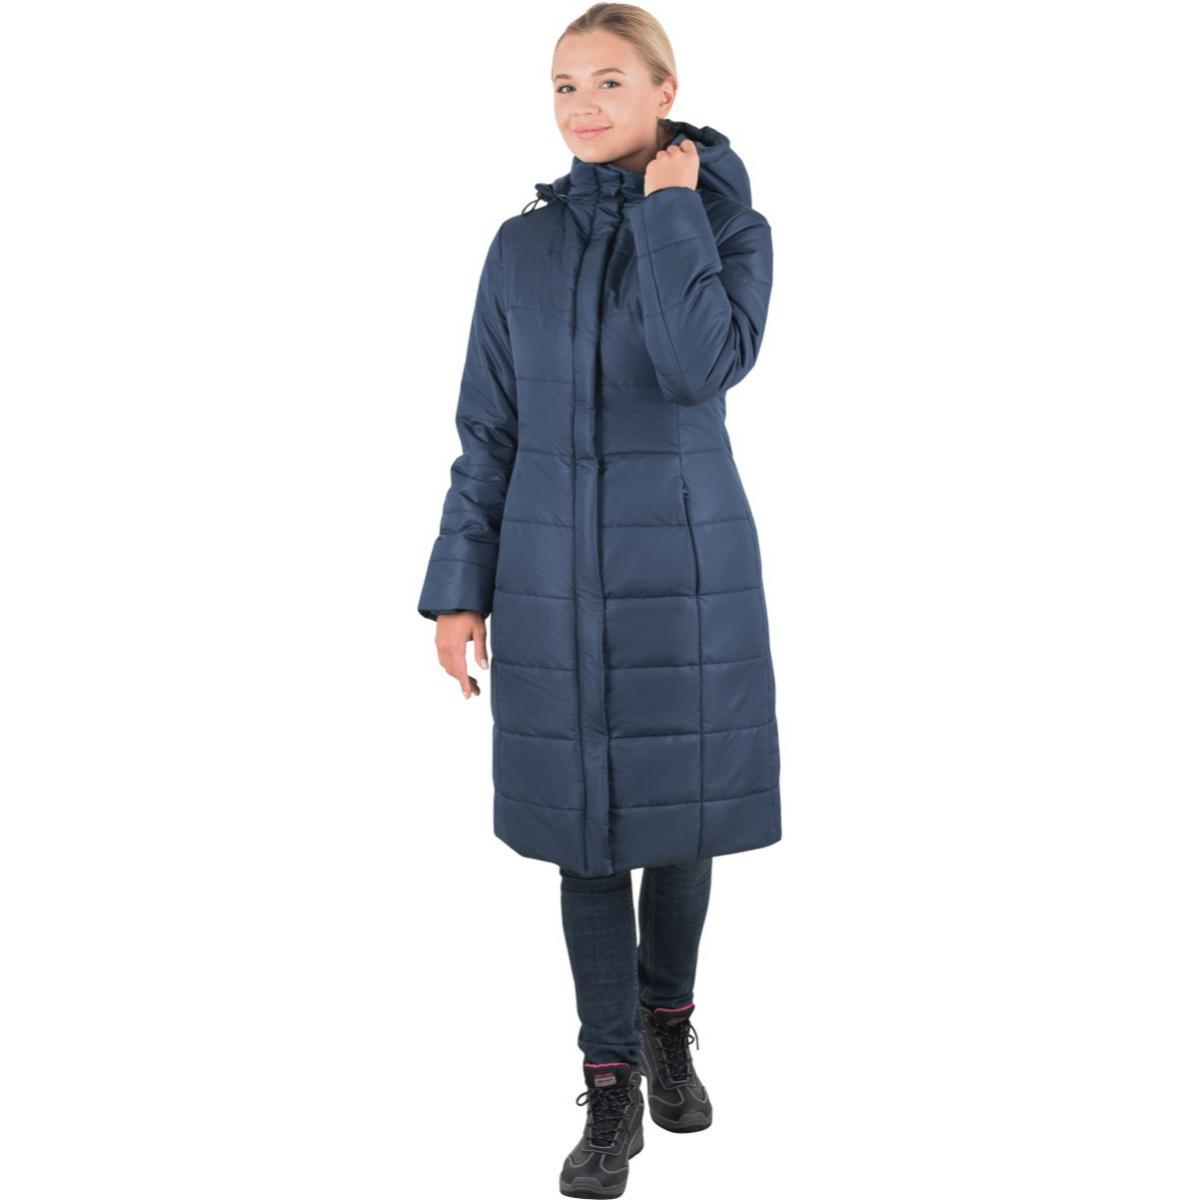 Пальто ФЬЮЖЕН утепленное т/синий женское (разм. 80-84 рост 158-164)